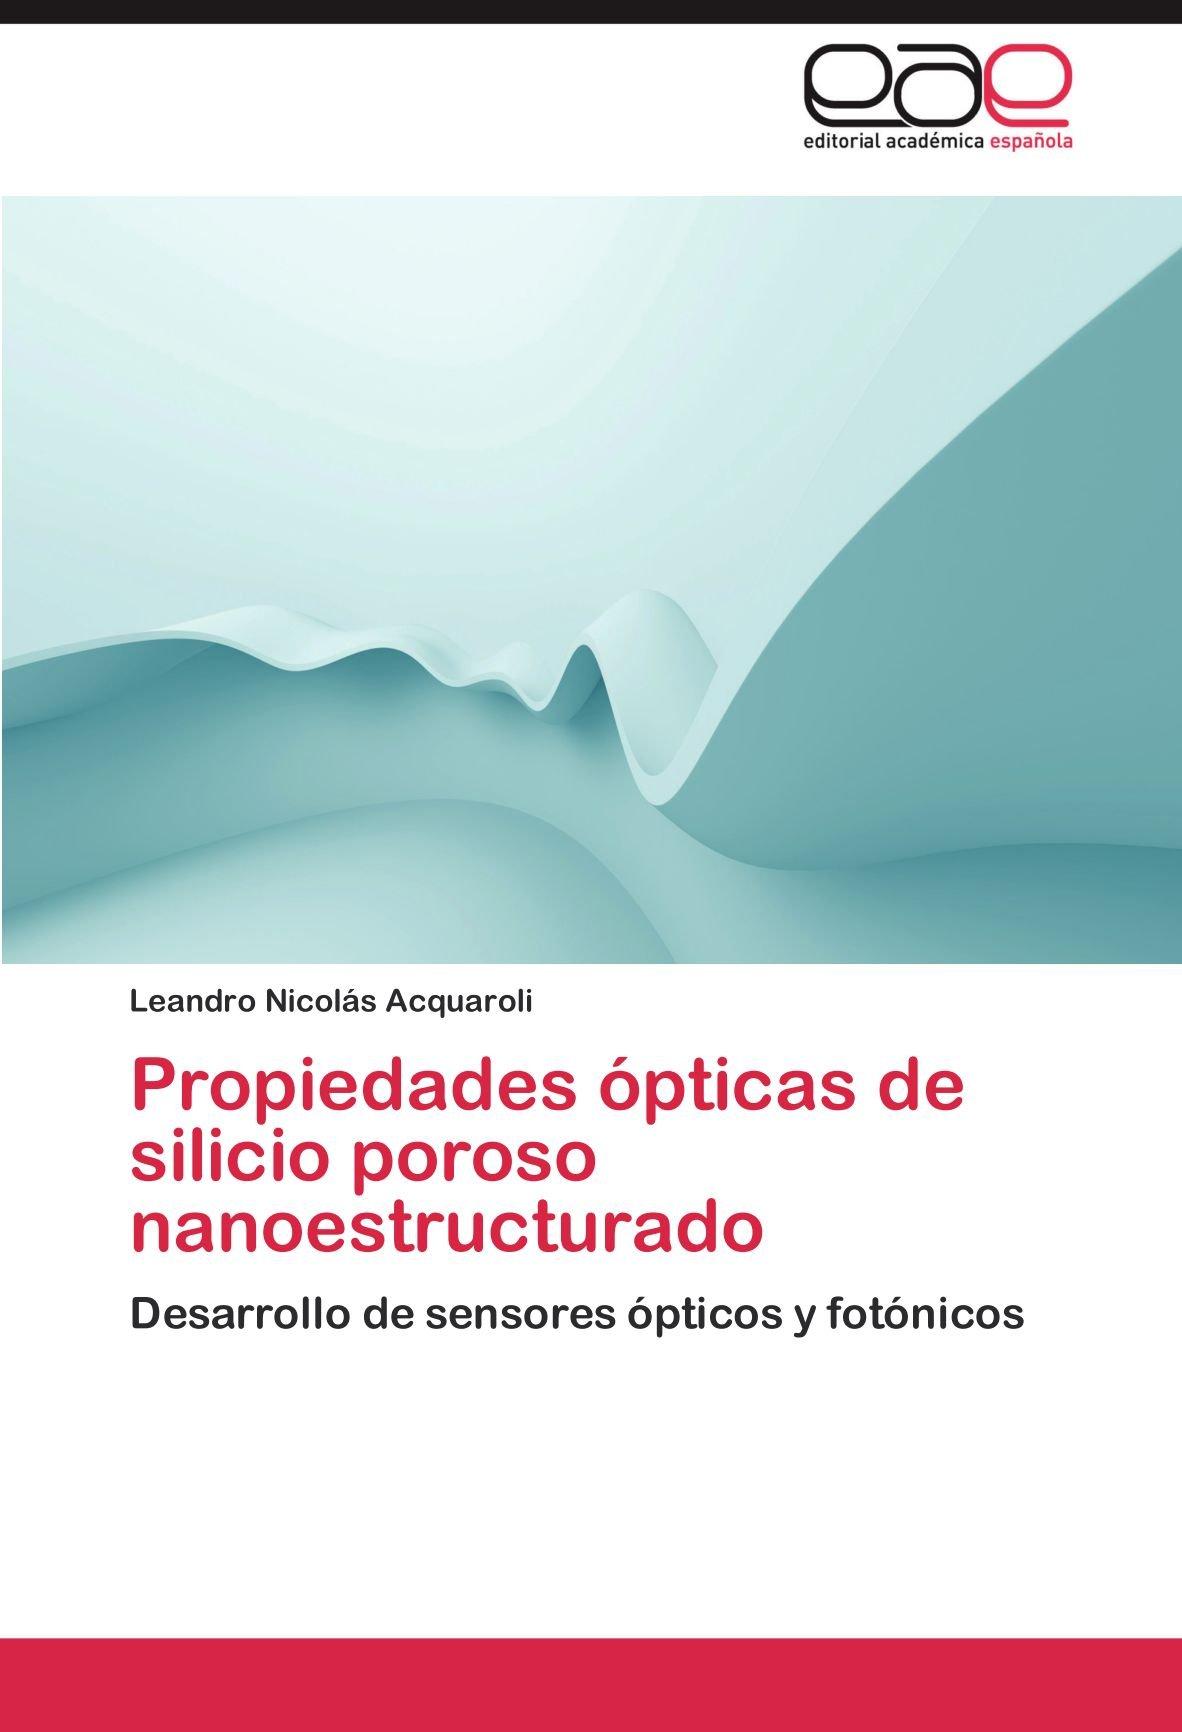 Propiedades ópticas de silicio poroso nanoestructurado: Desarrollo de sensores ópticos y fotónicos (Spanish Edition): Leandro Nicolás Acquaroli: ...